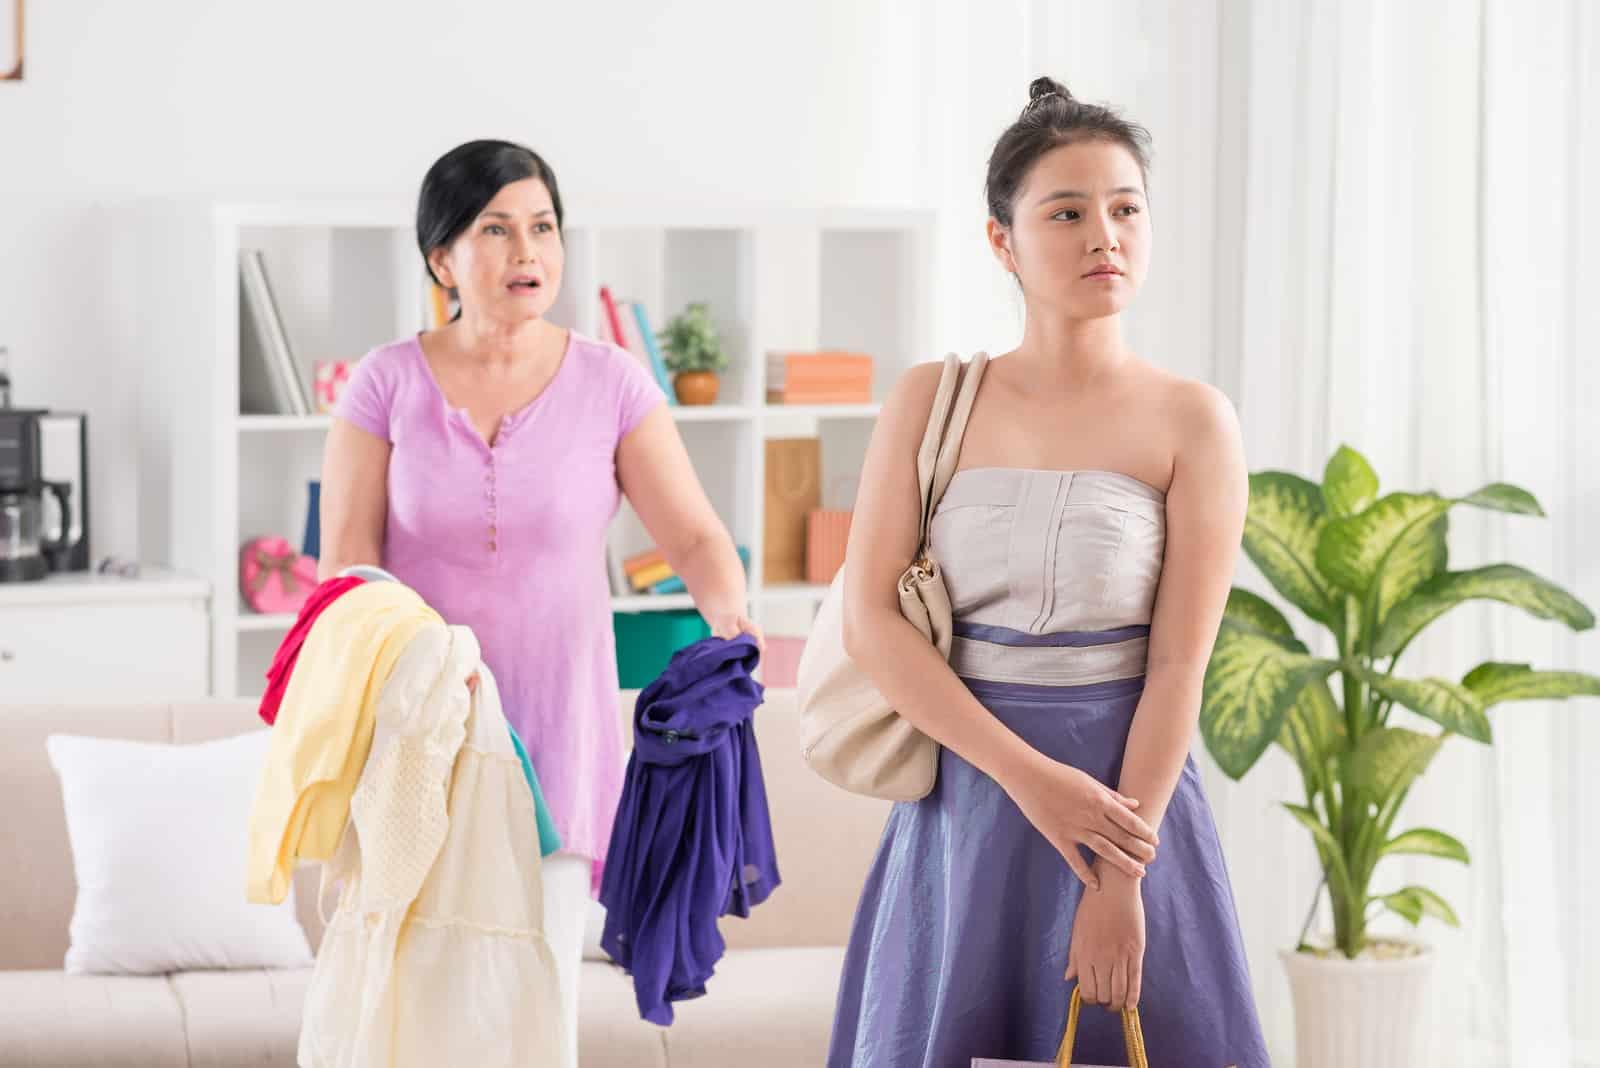 Mutter und Tochter streiten sich, während sie Kleidung in der Hand hält